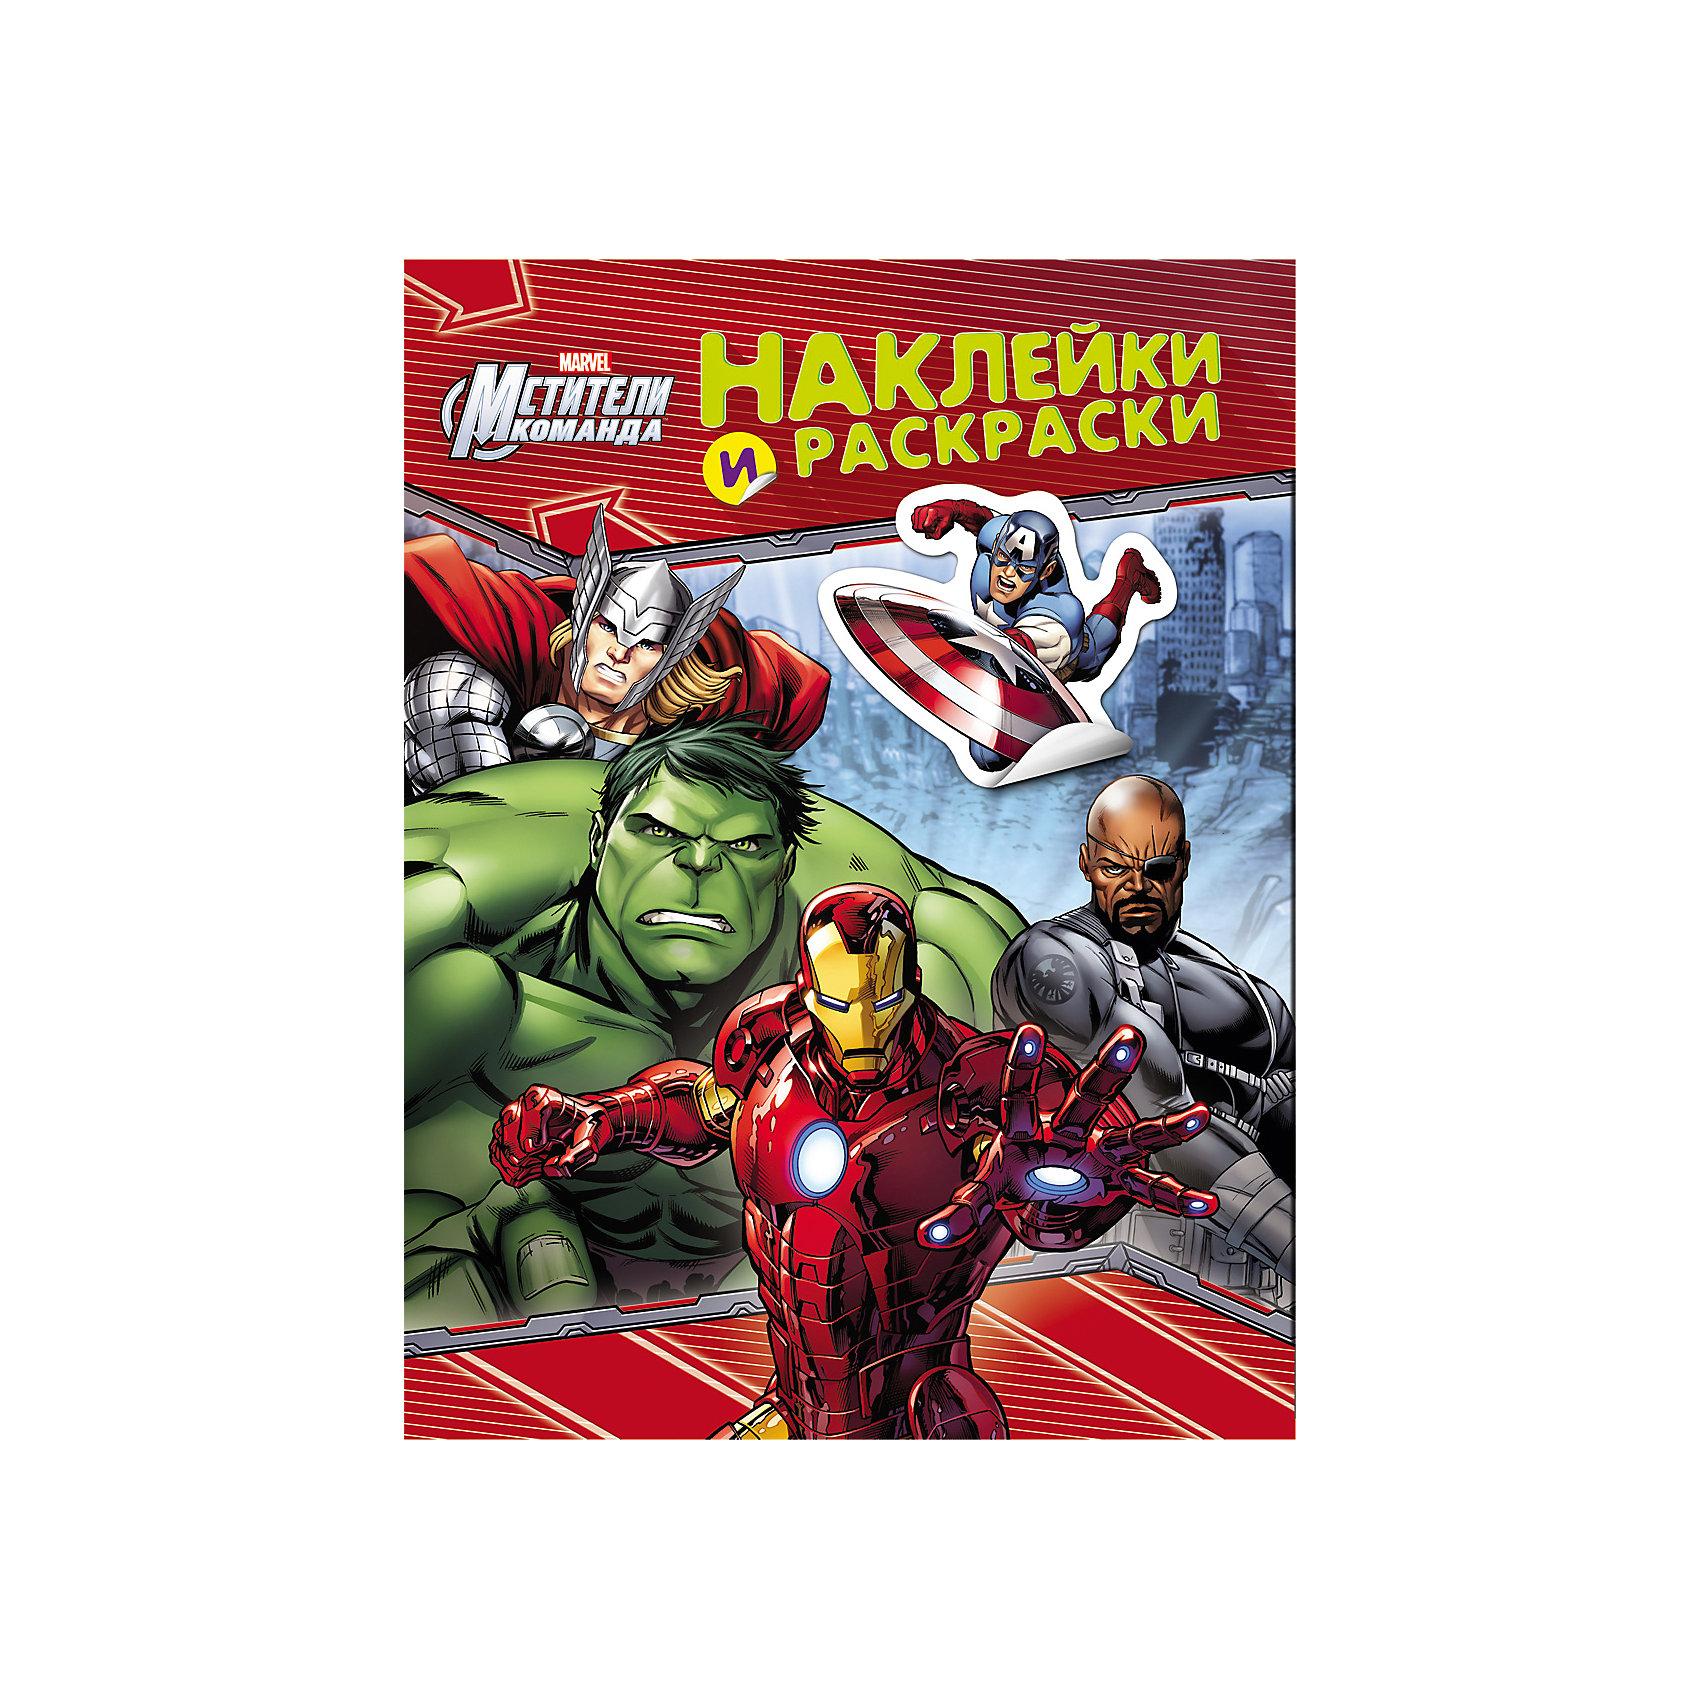 Росмэн Наклейки и раскраски Мстители (красная) росмэн наклейки и раскраски голубая monster high